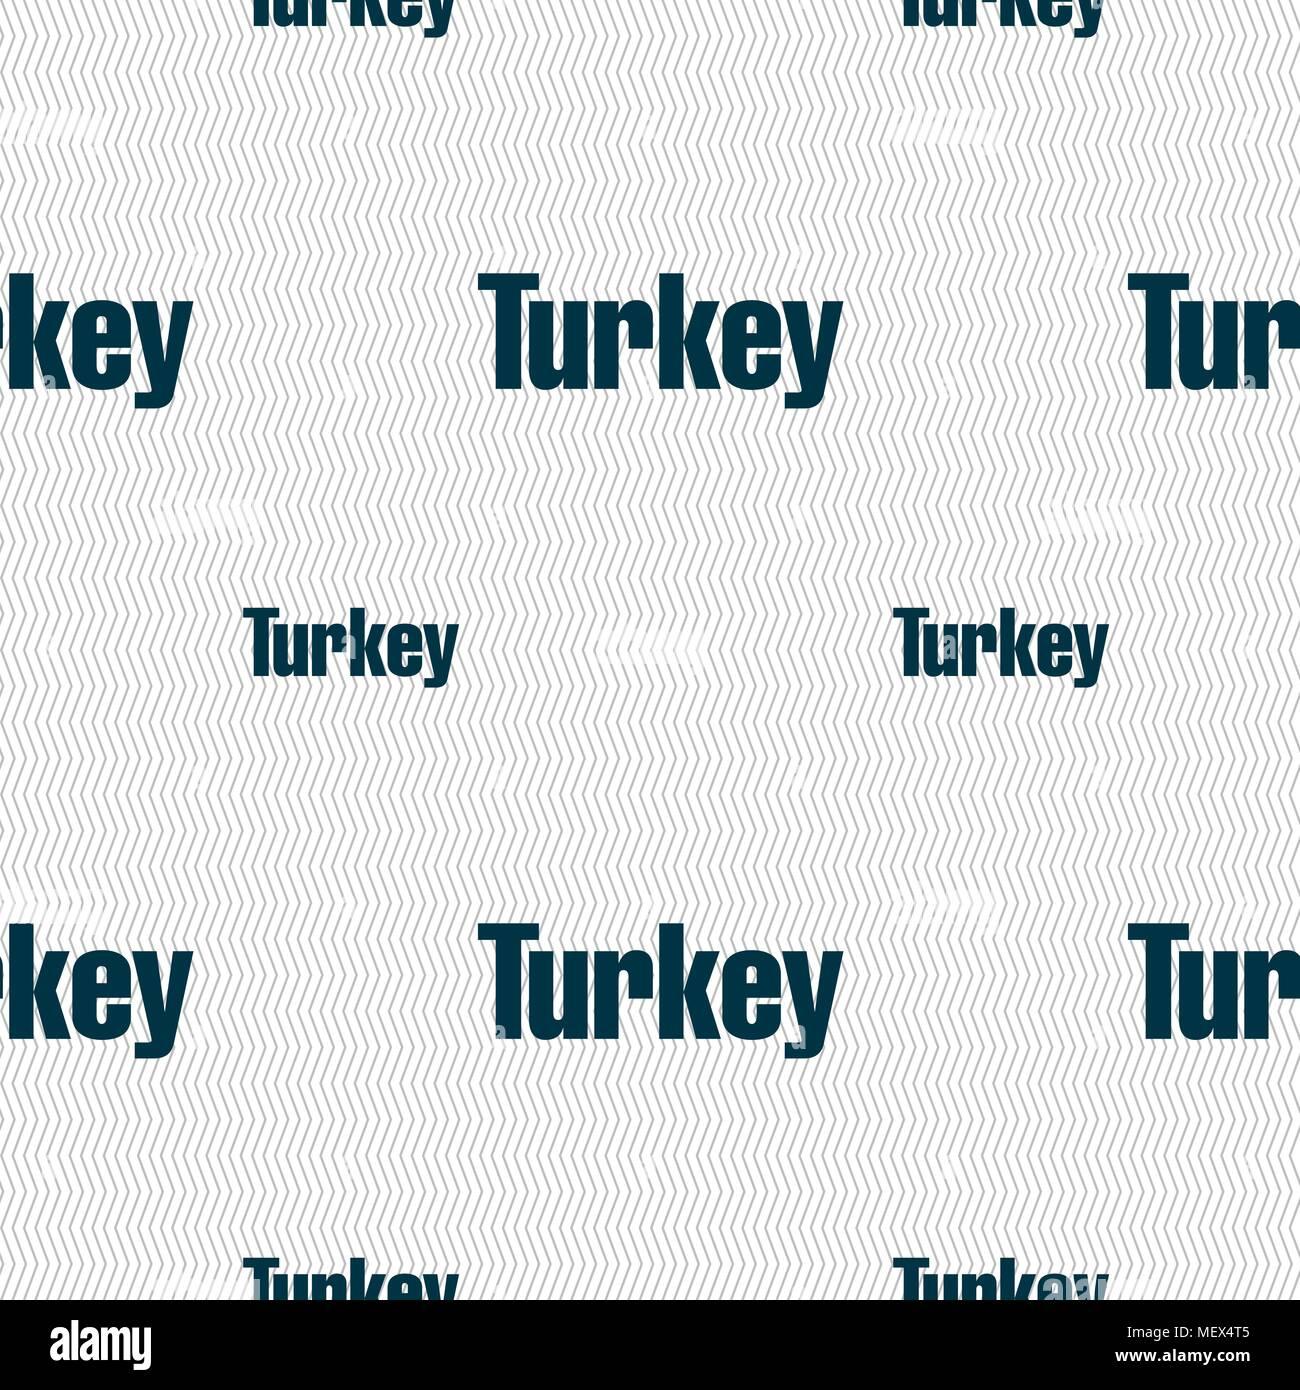 Charmant Verkleiden Sich Türkei Vorlage Galerie - Beispiel ...